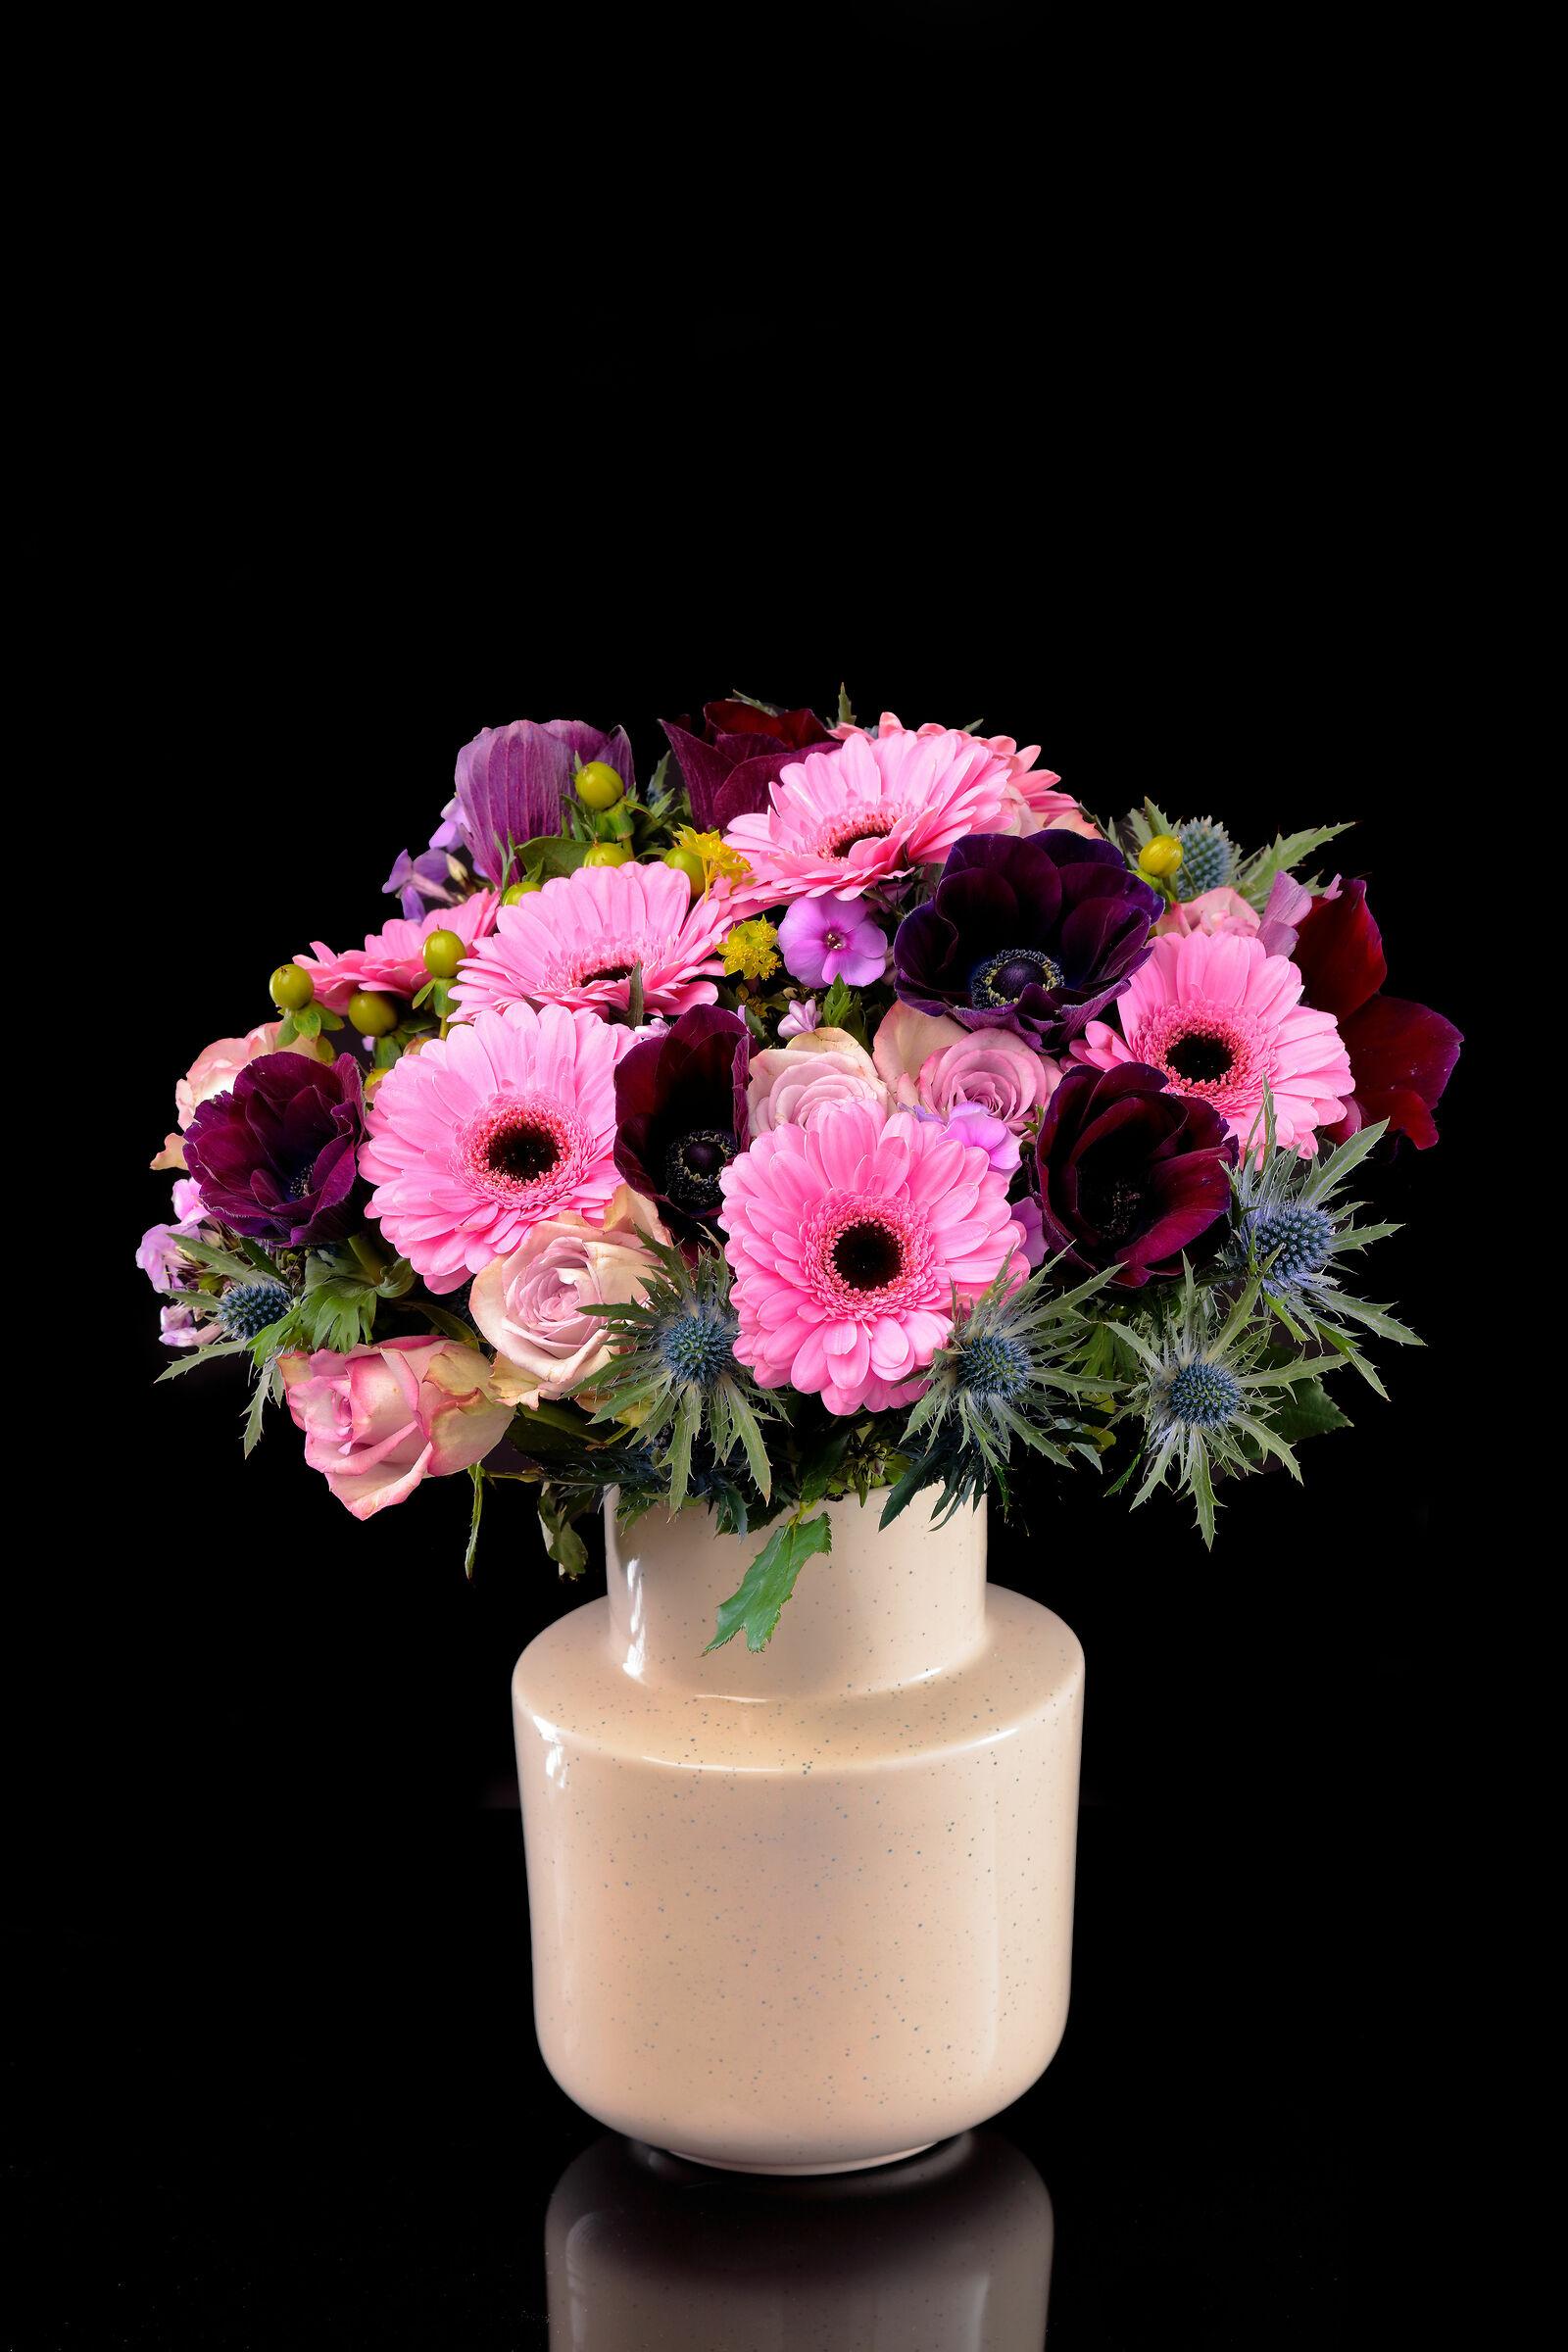 Composizione floreale danese 2...